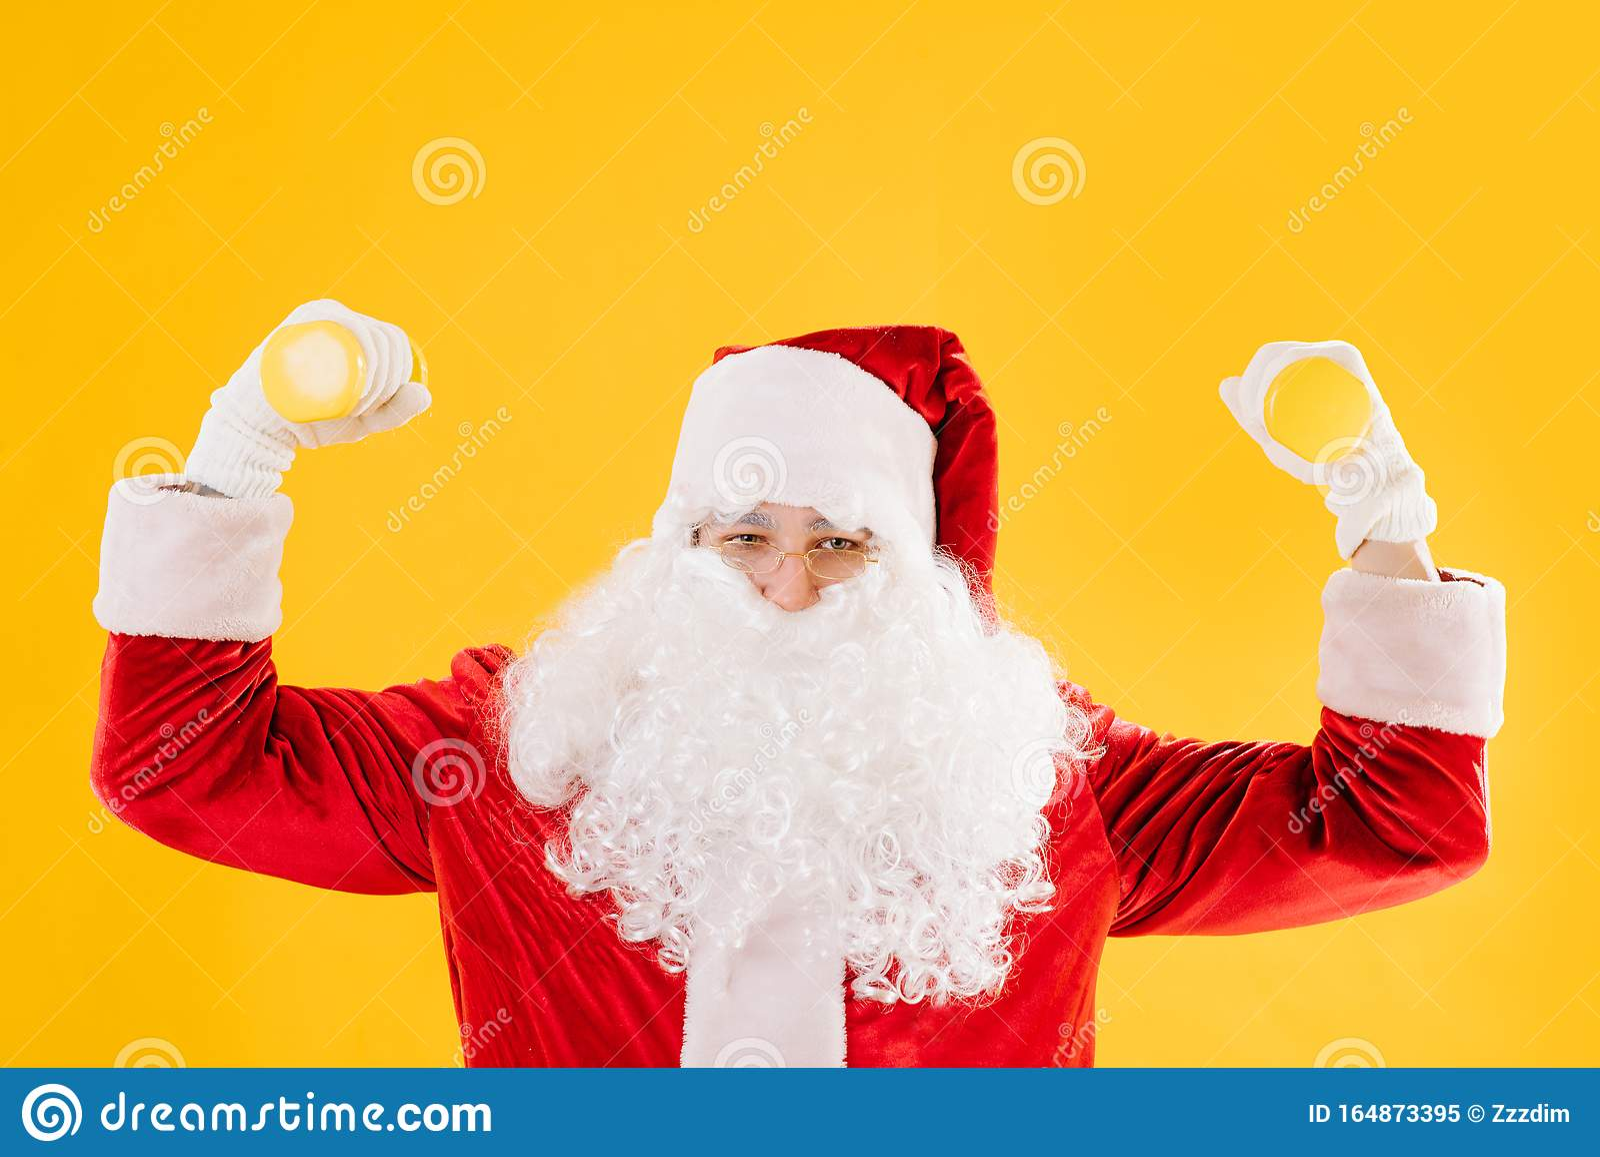 Immagini Stupide Di Natale.Babbo Natale Che Fa Esercizio Con Piccoli Stupidi Sullo Sfondo Giallo Immagine Stock Immagine Di Fictional Comic 164873395